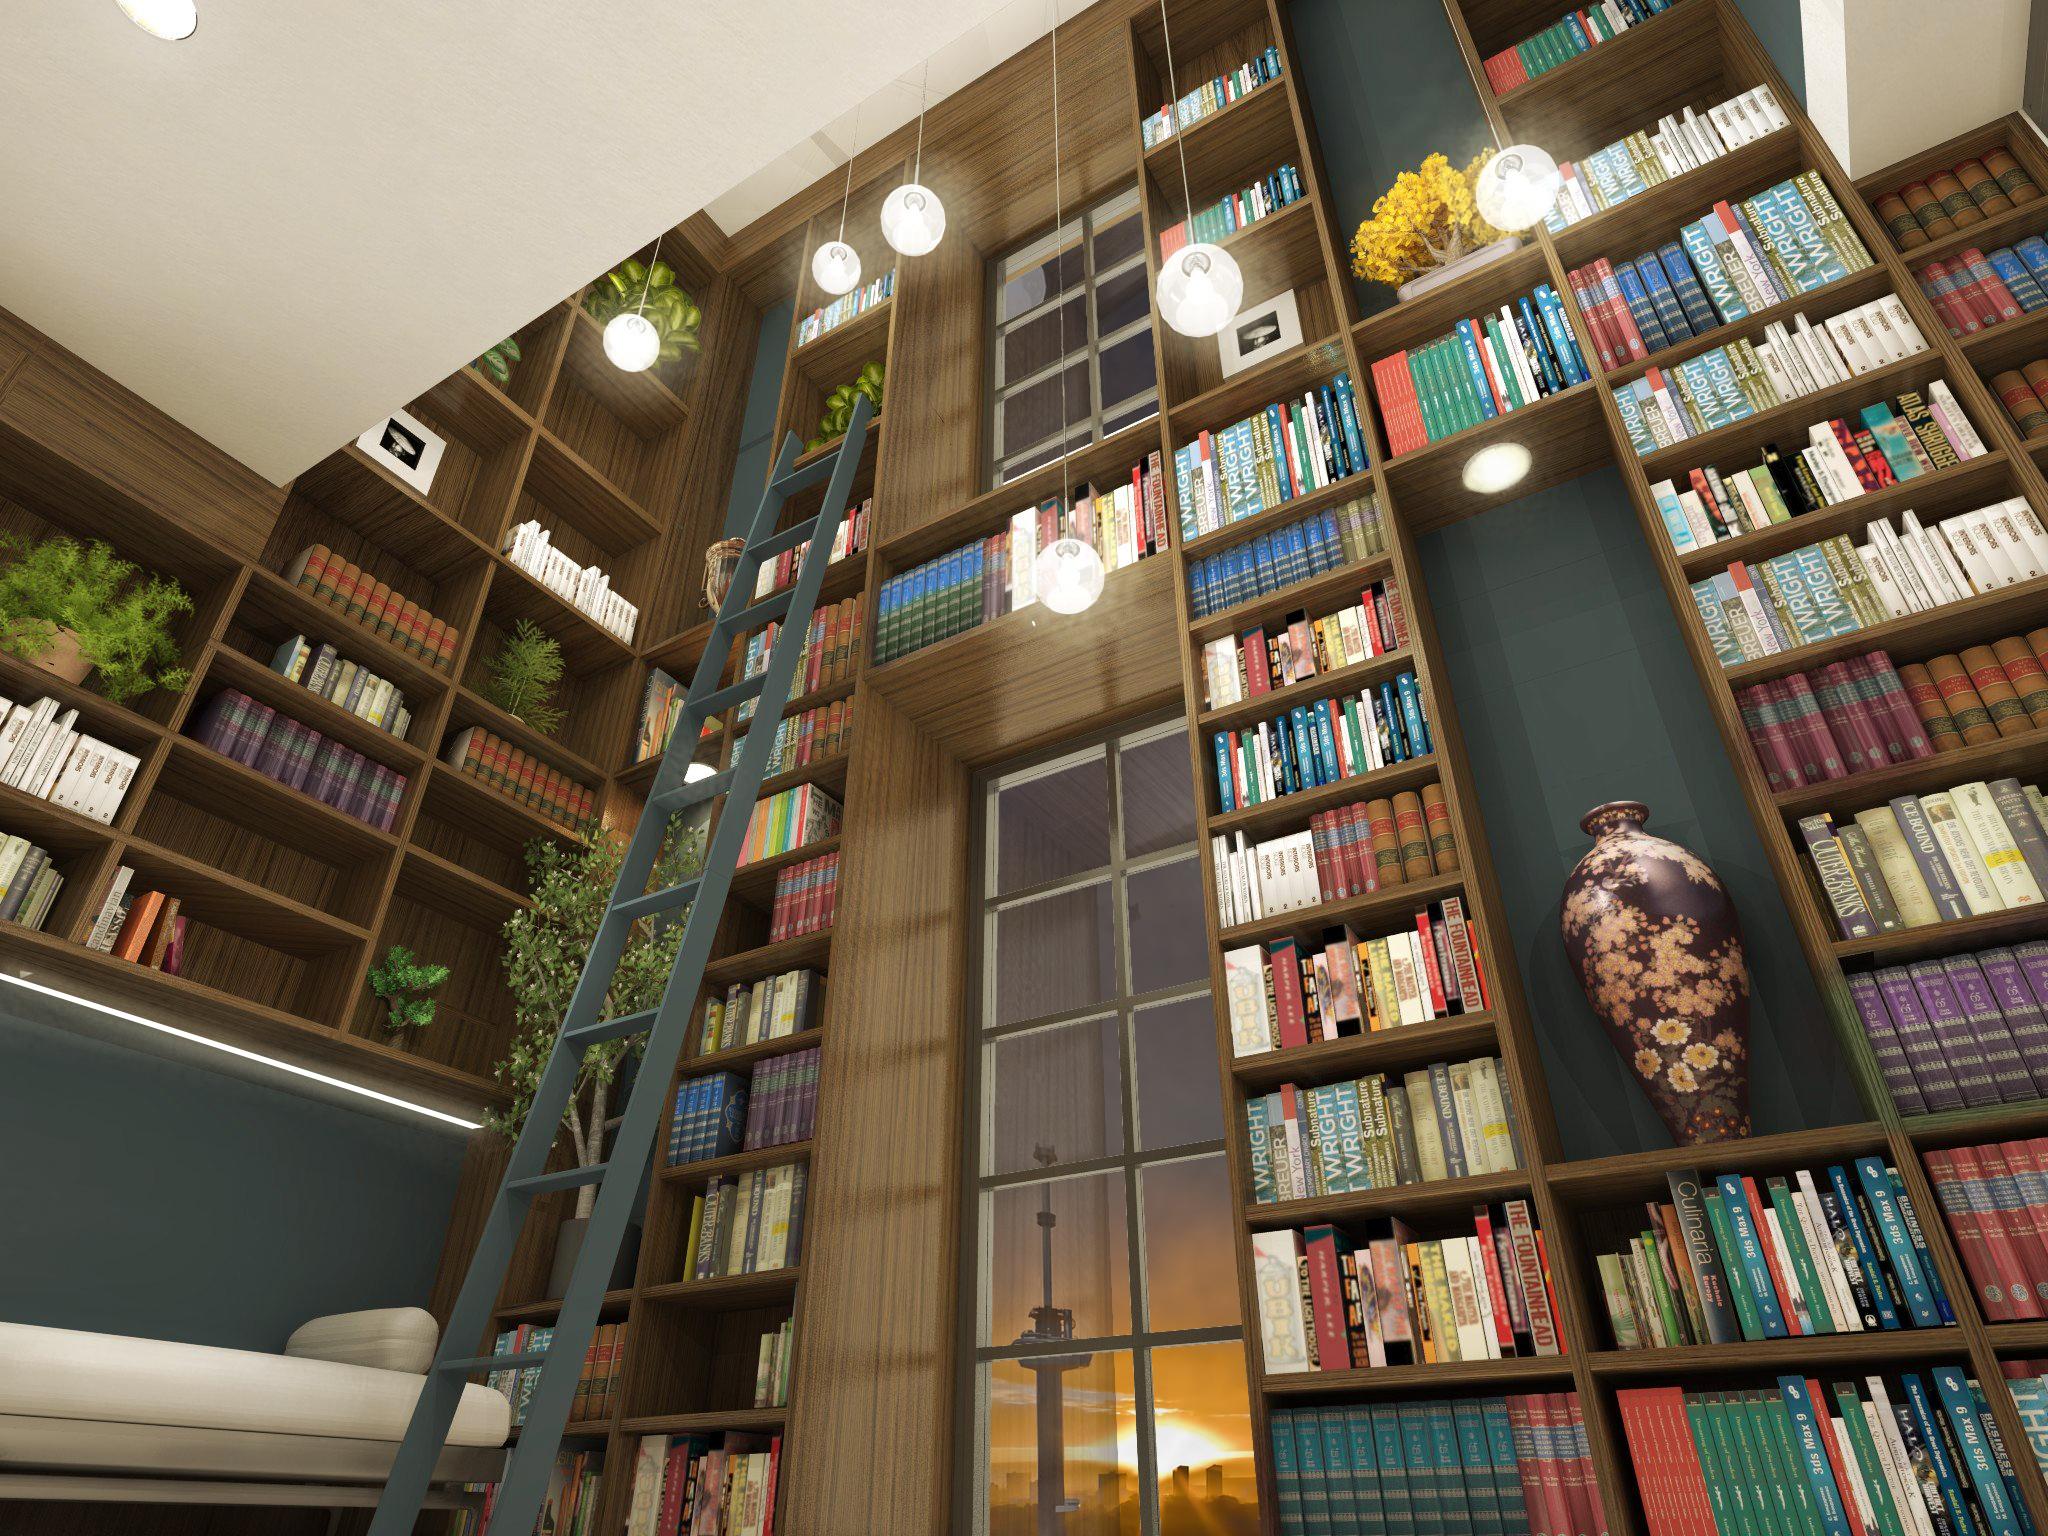 Bibliotheek over 2 lagen